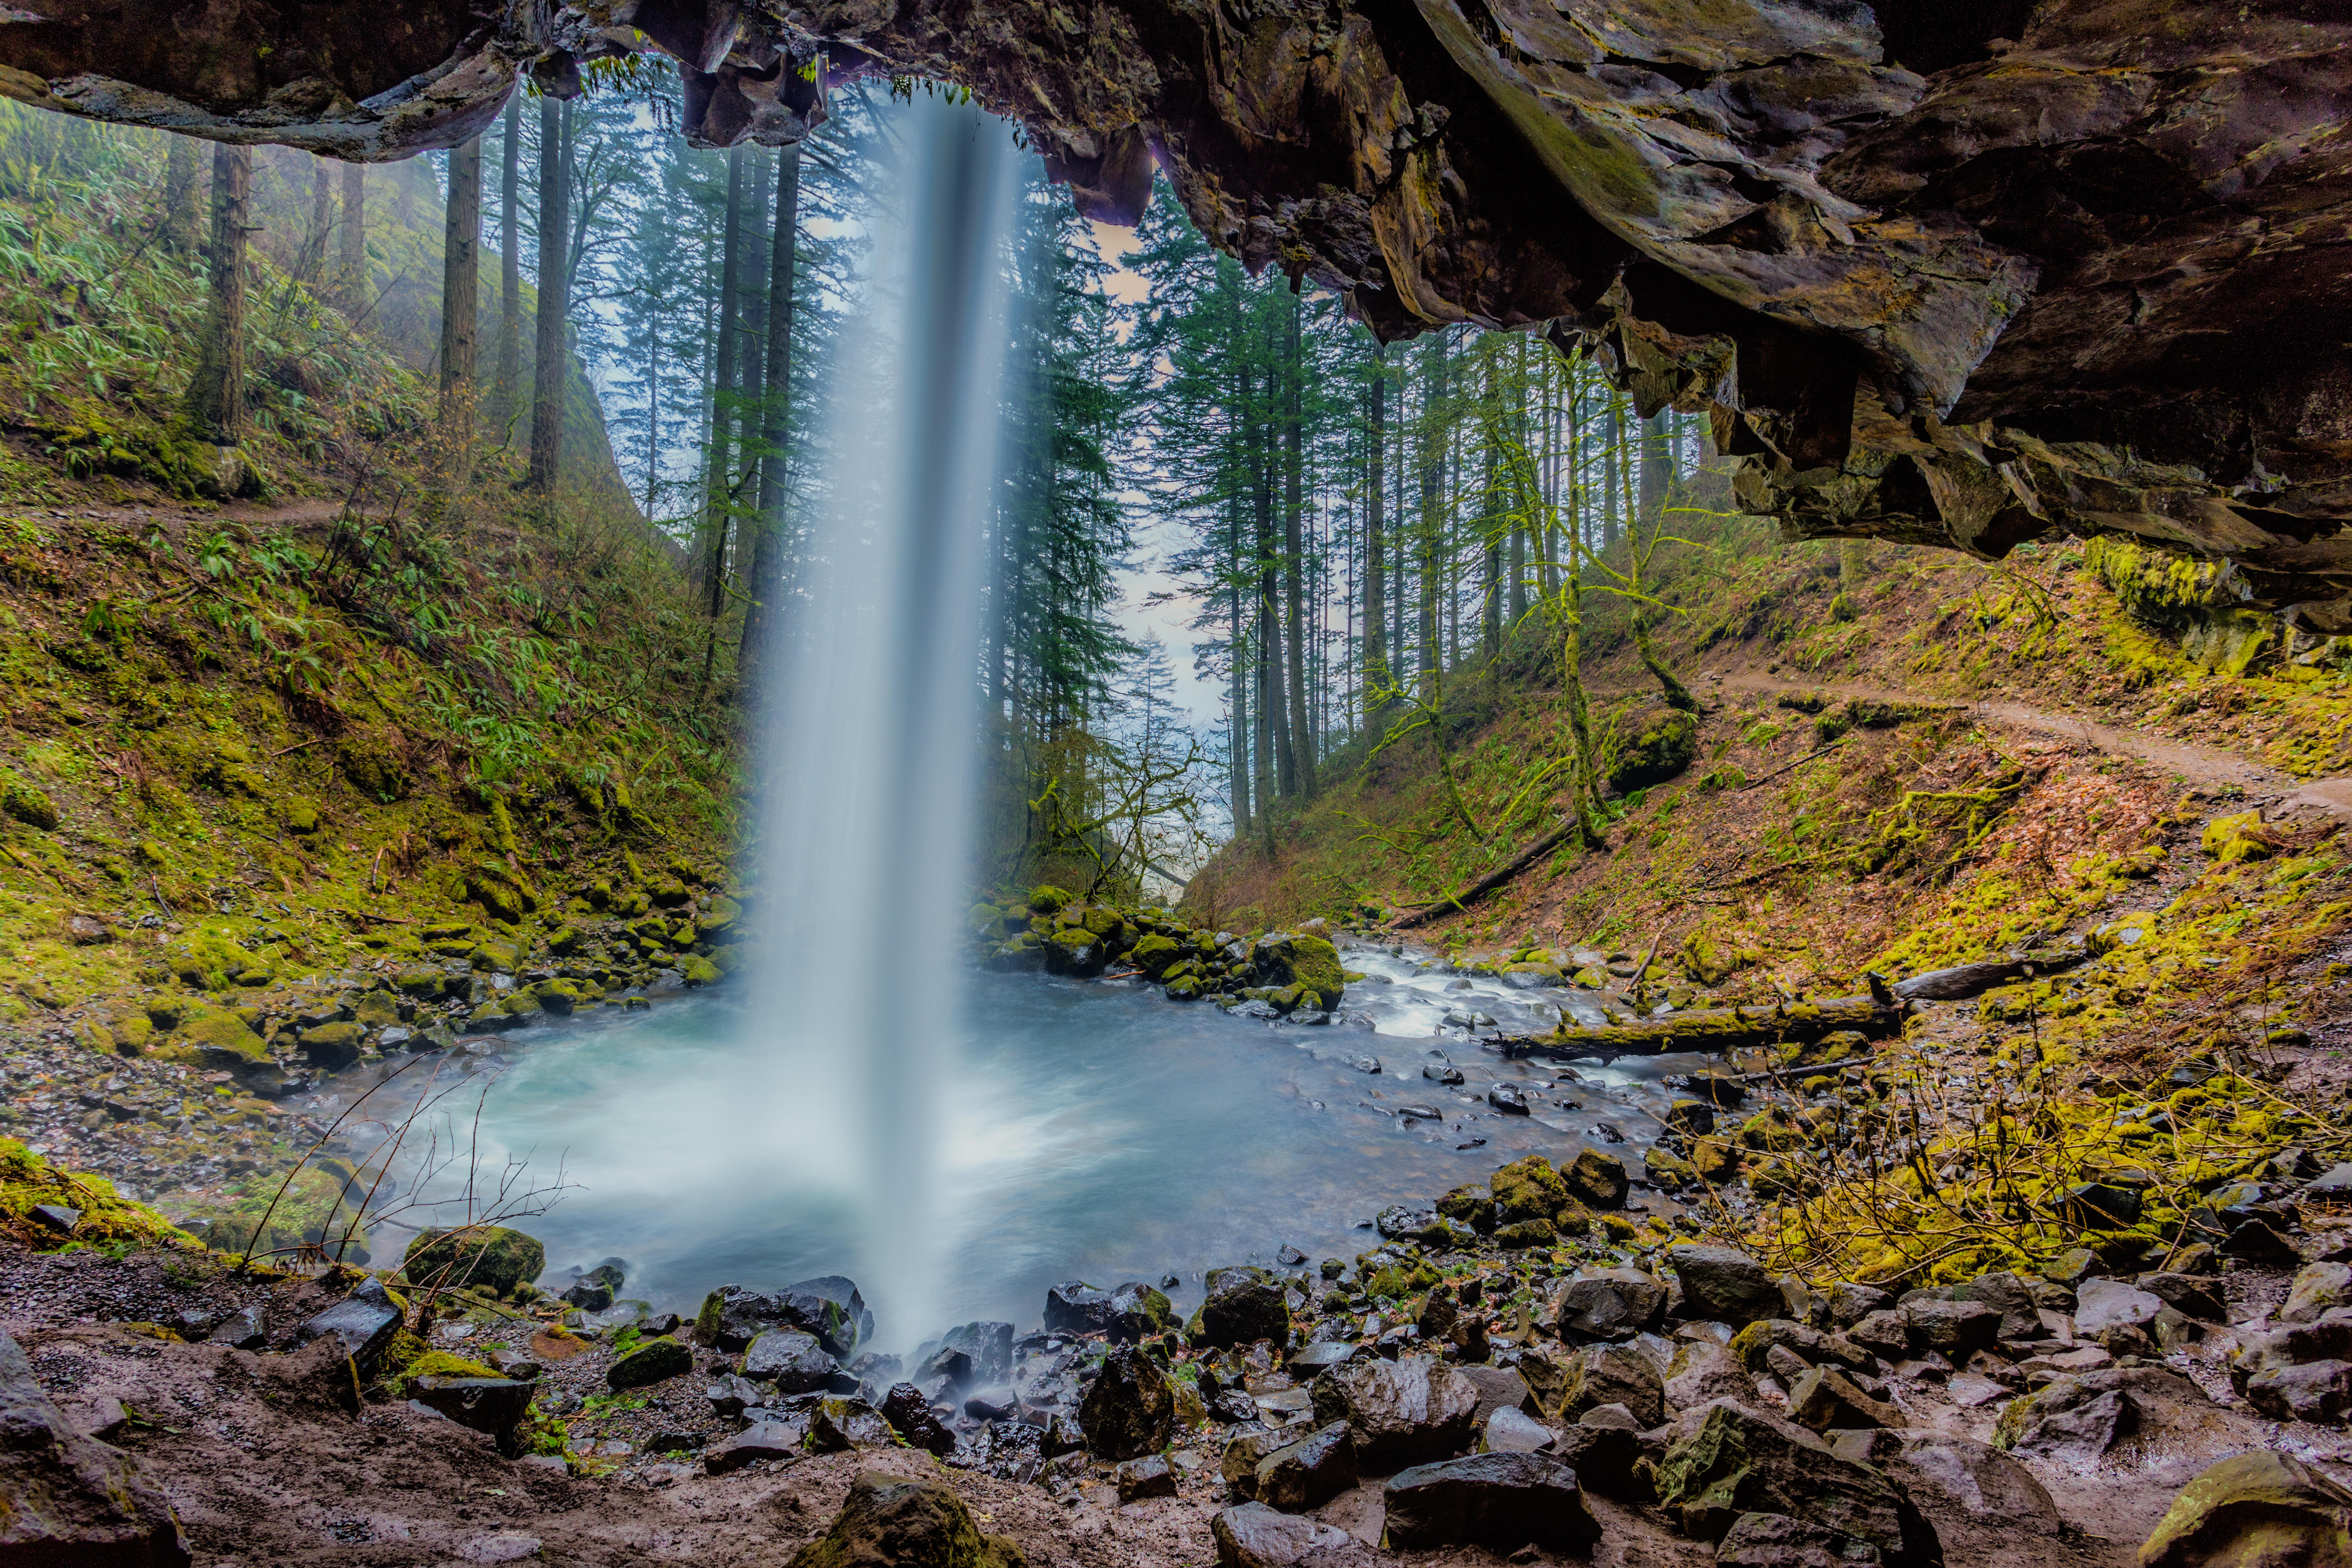 обои Columbia River Gorge, Oregon, USA, водопад картинки фото